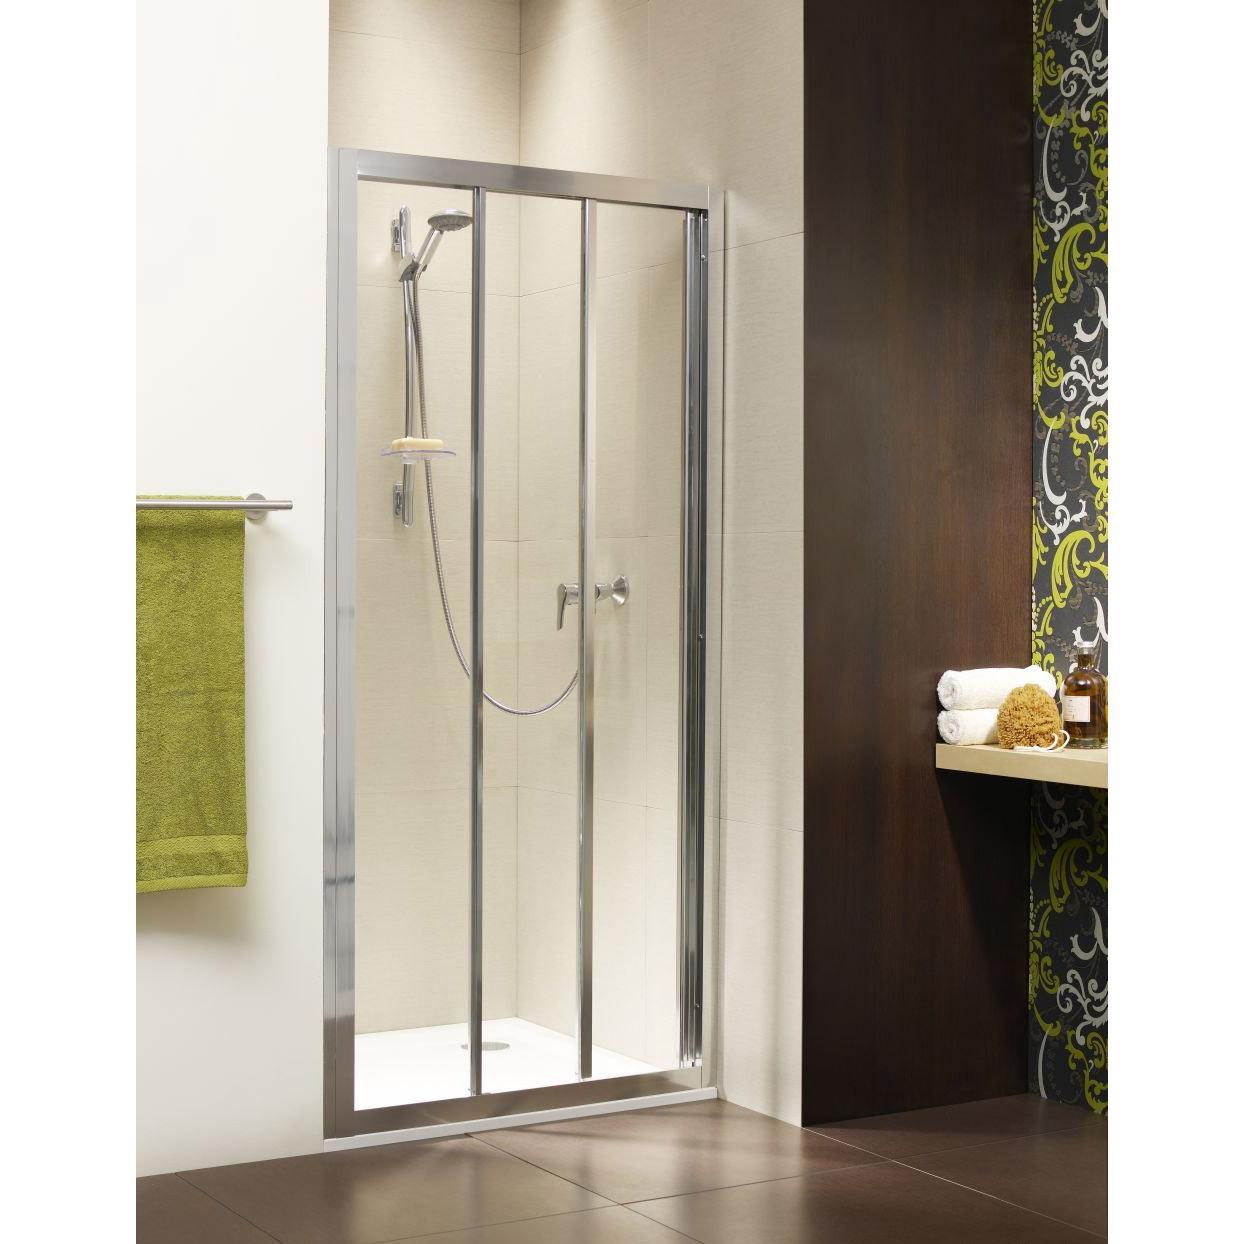 Душевая дверь Radaway Treviso DW 90 хром/коричневое душевая дверь radaway treviso dw 100 хром коричневое